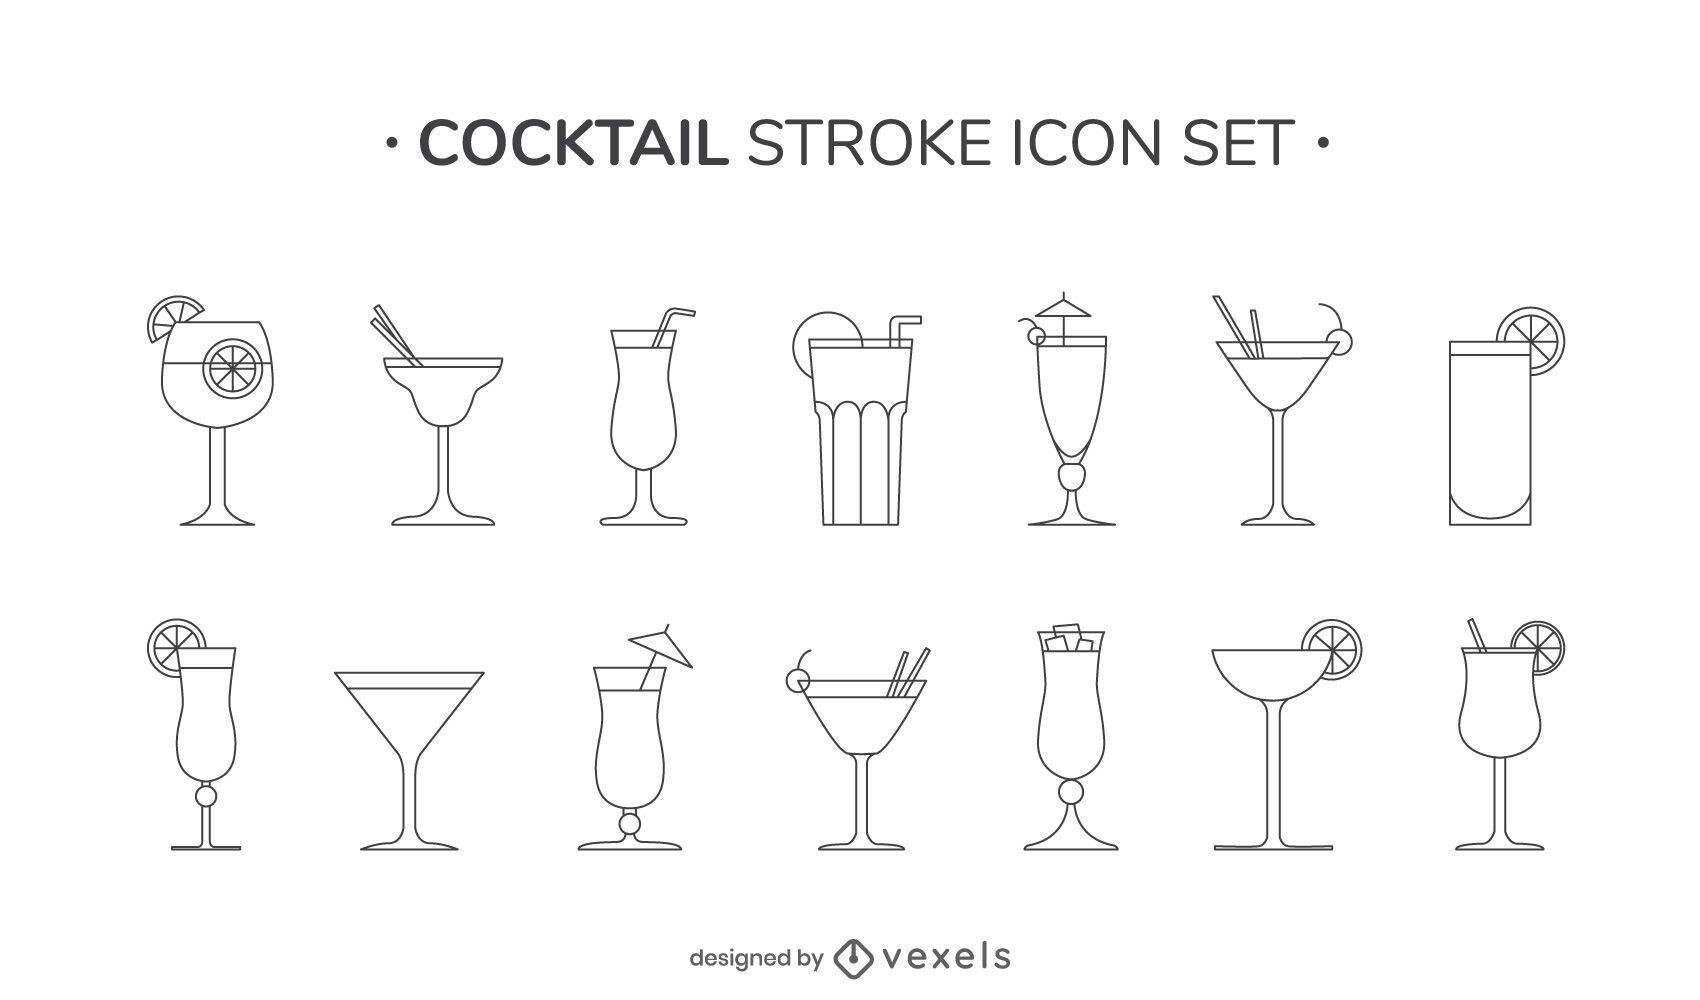 Cocktail stroke icon set